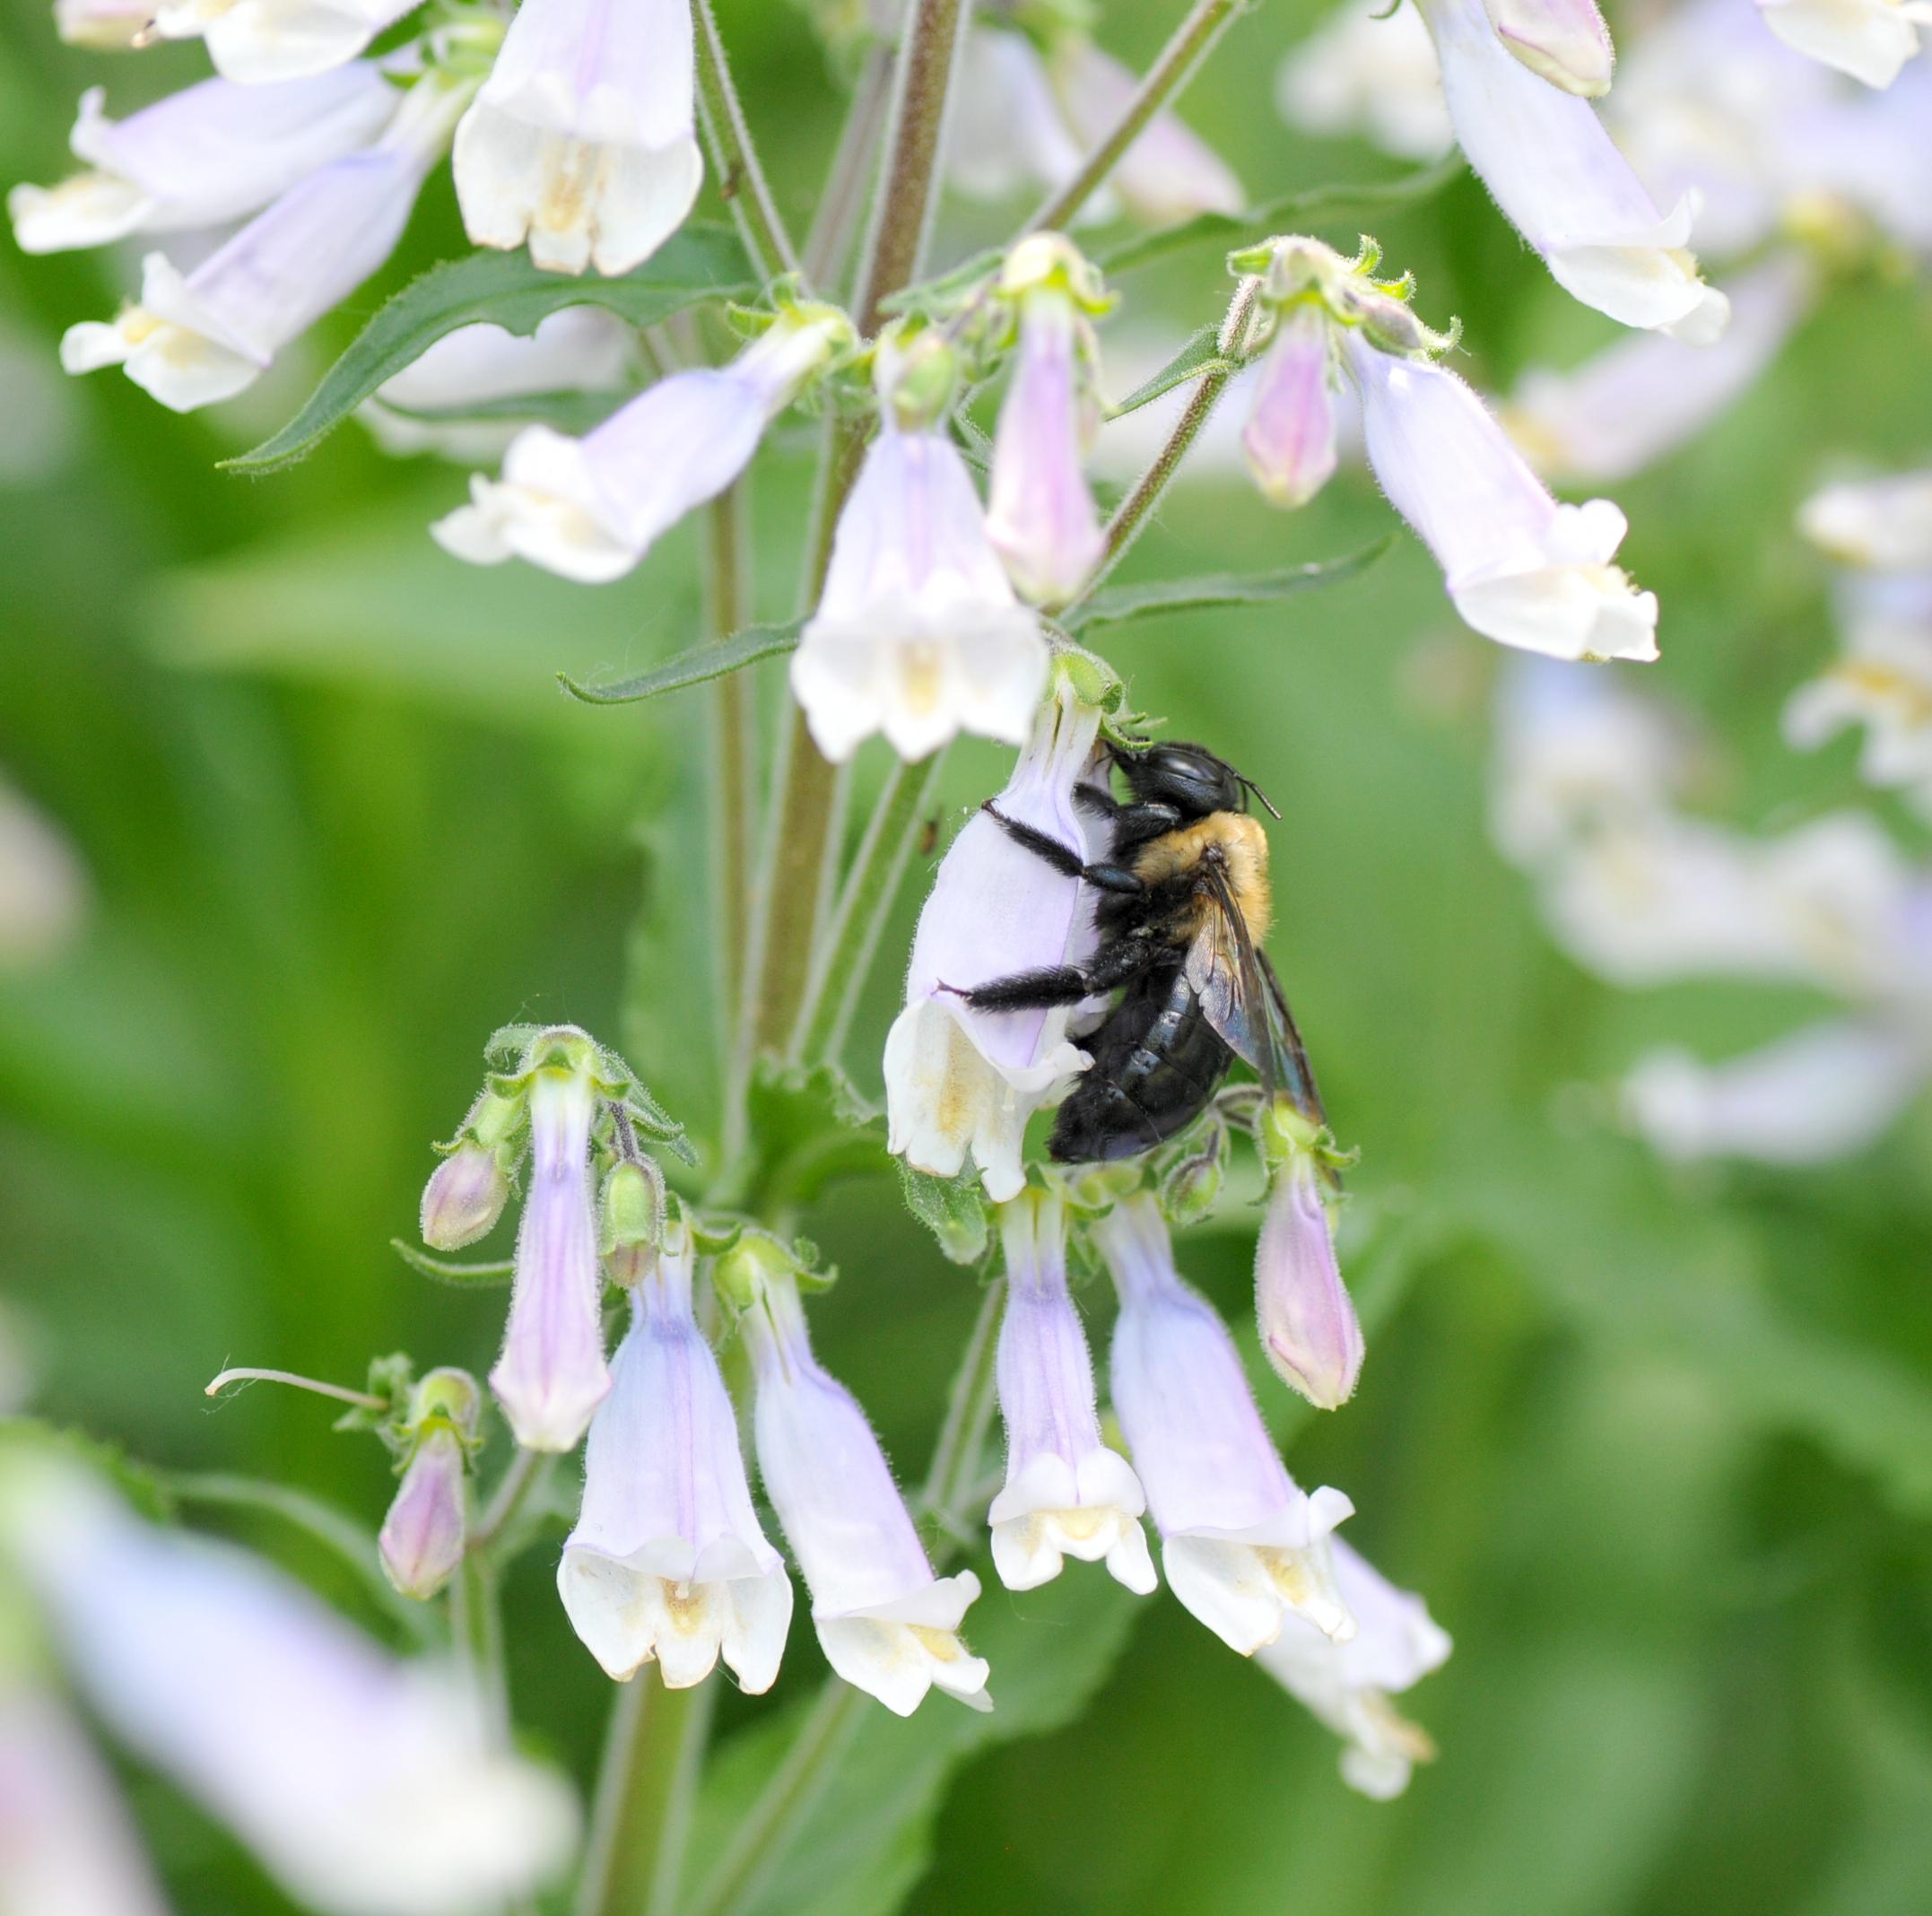 Female carpenter bee